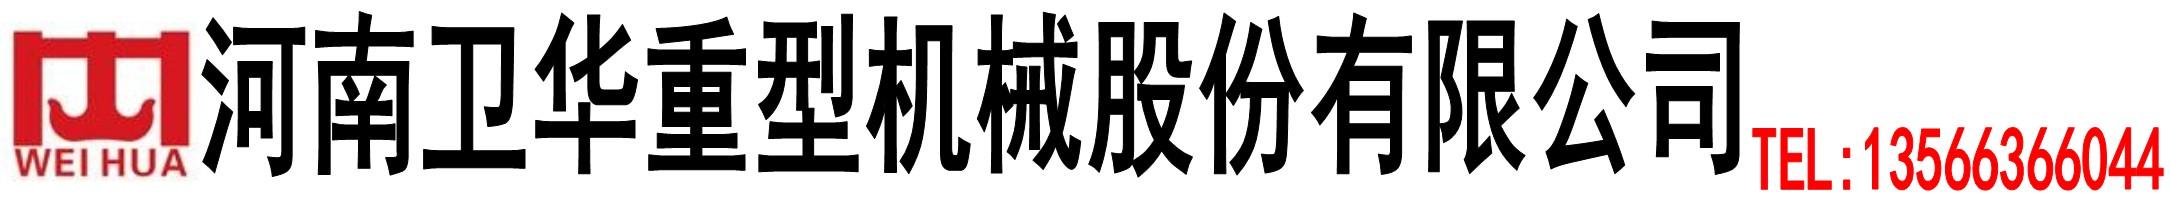 卫华重型机械股份有限公司